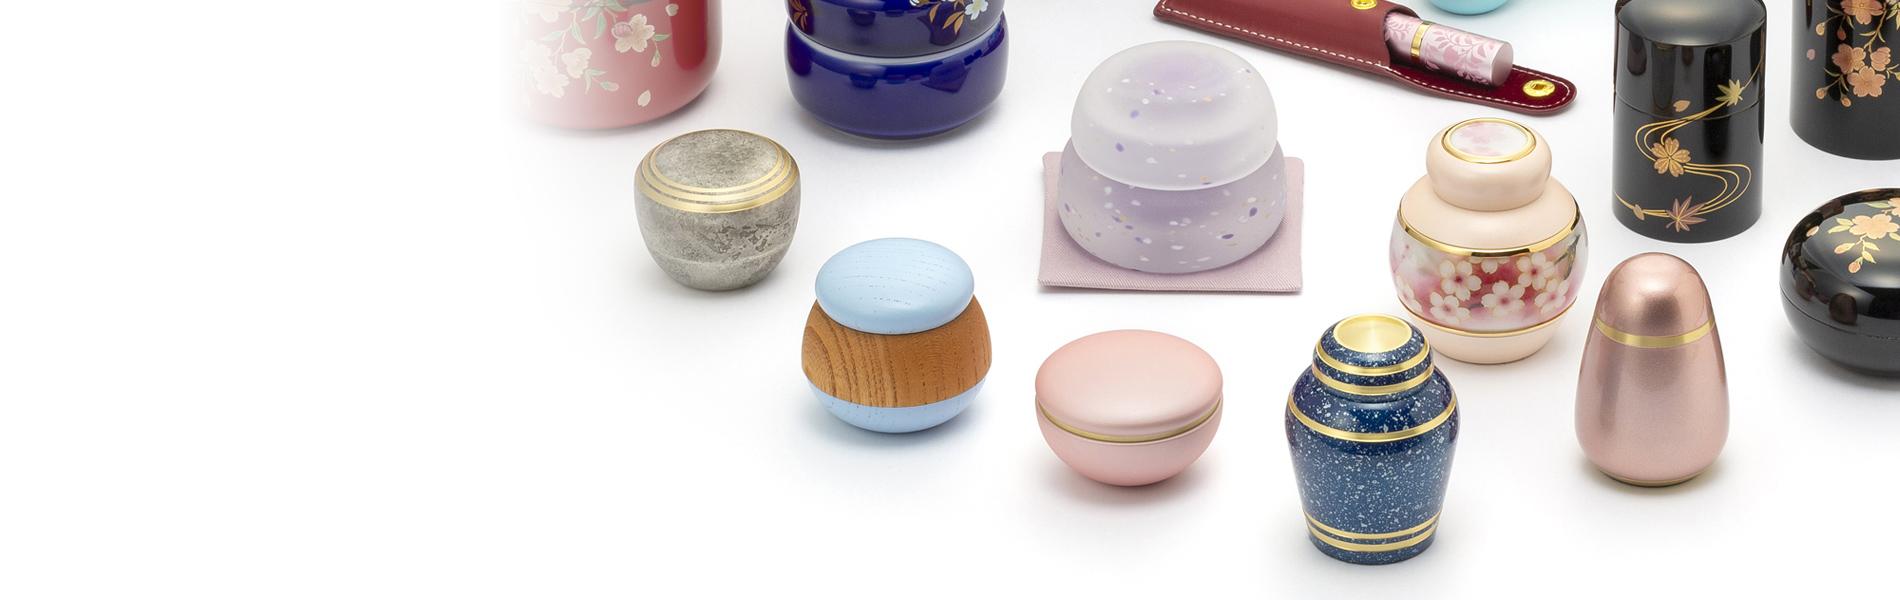 素材とデザインにこだわった手元供養のミニ骨壷